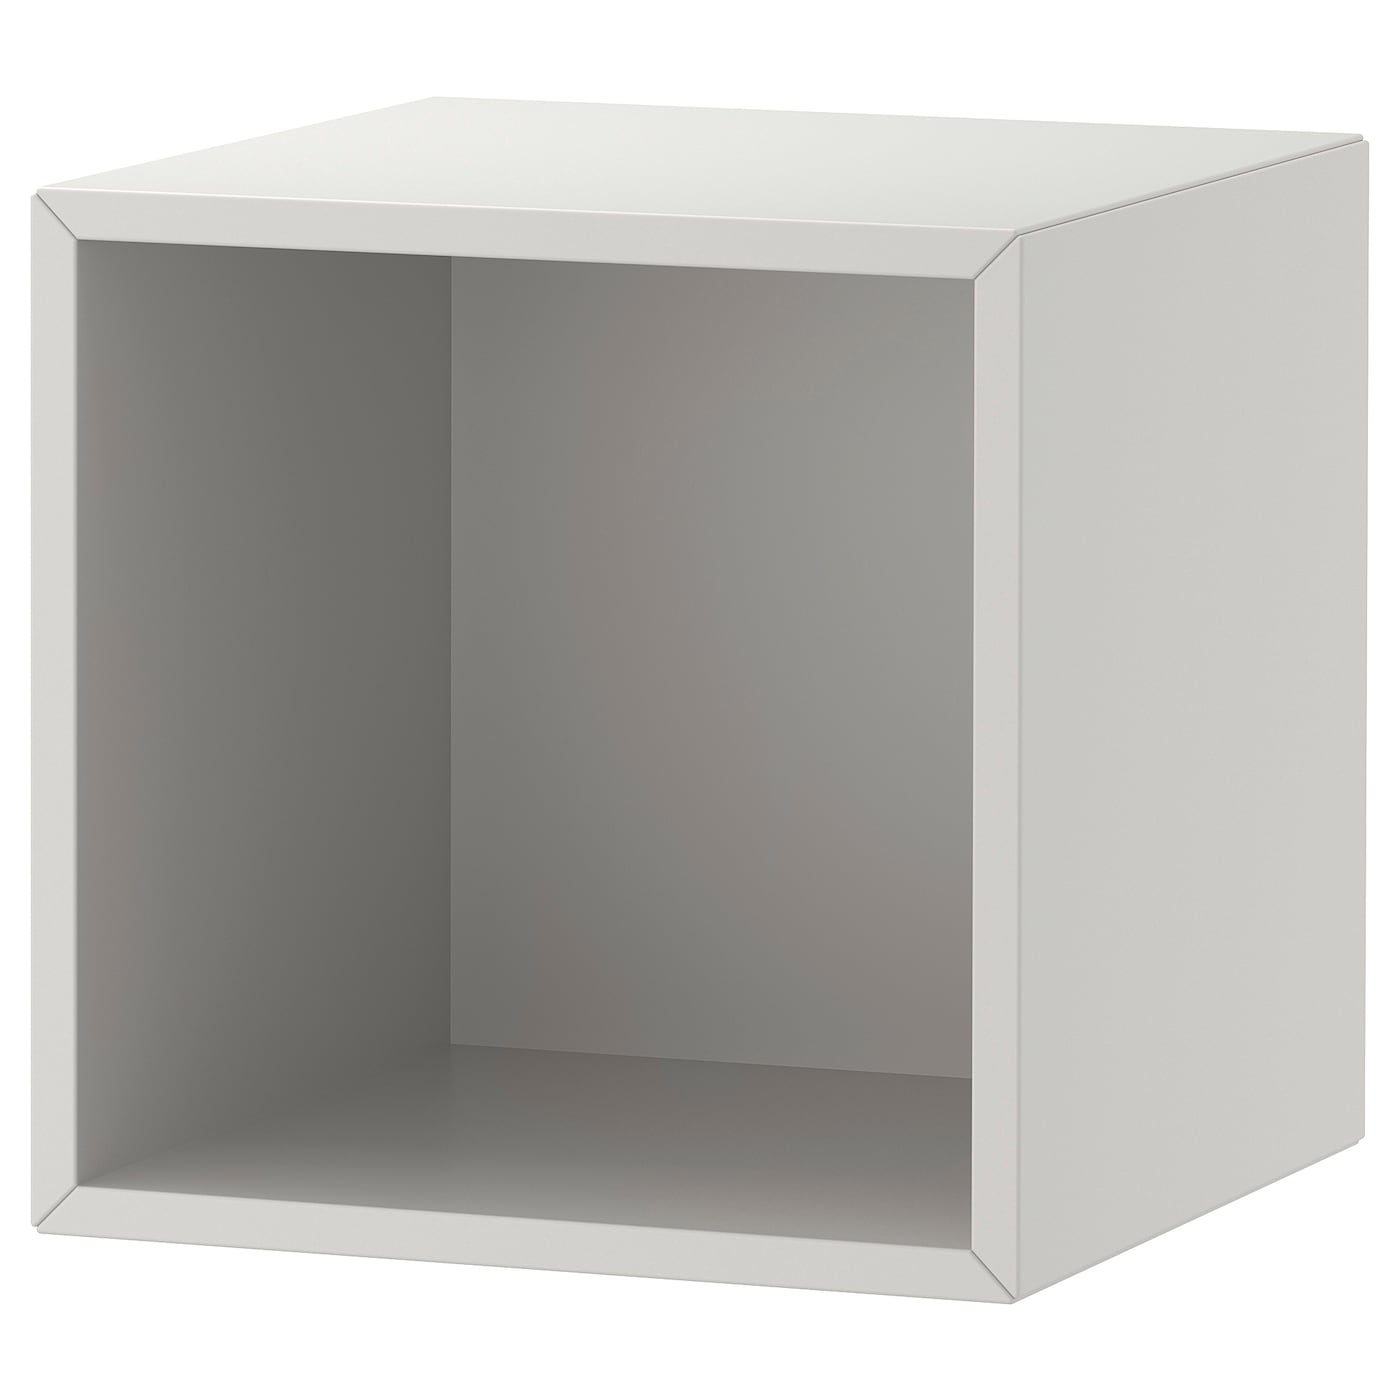 EKET Armario gris claro 35x35x35 cm